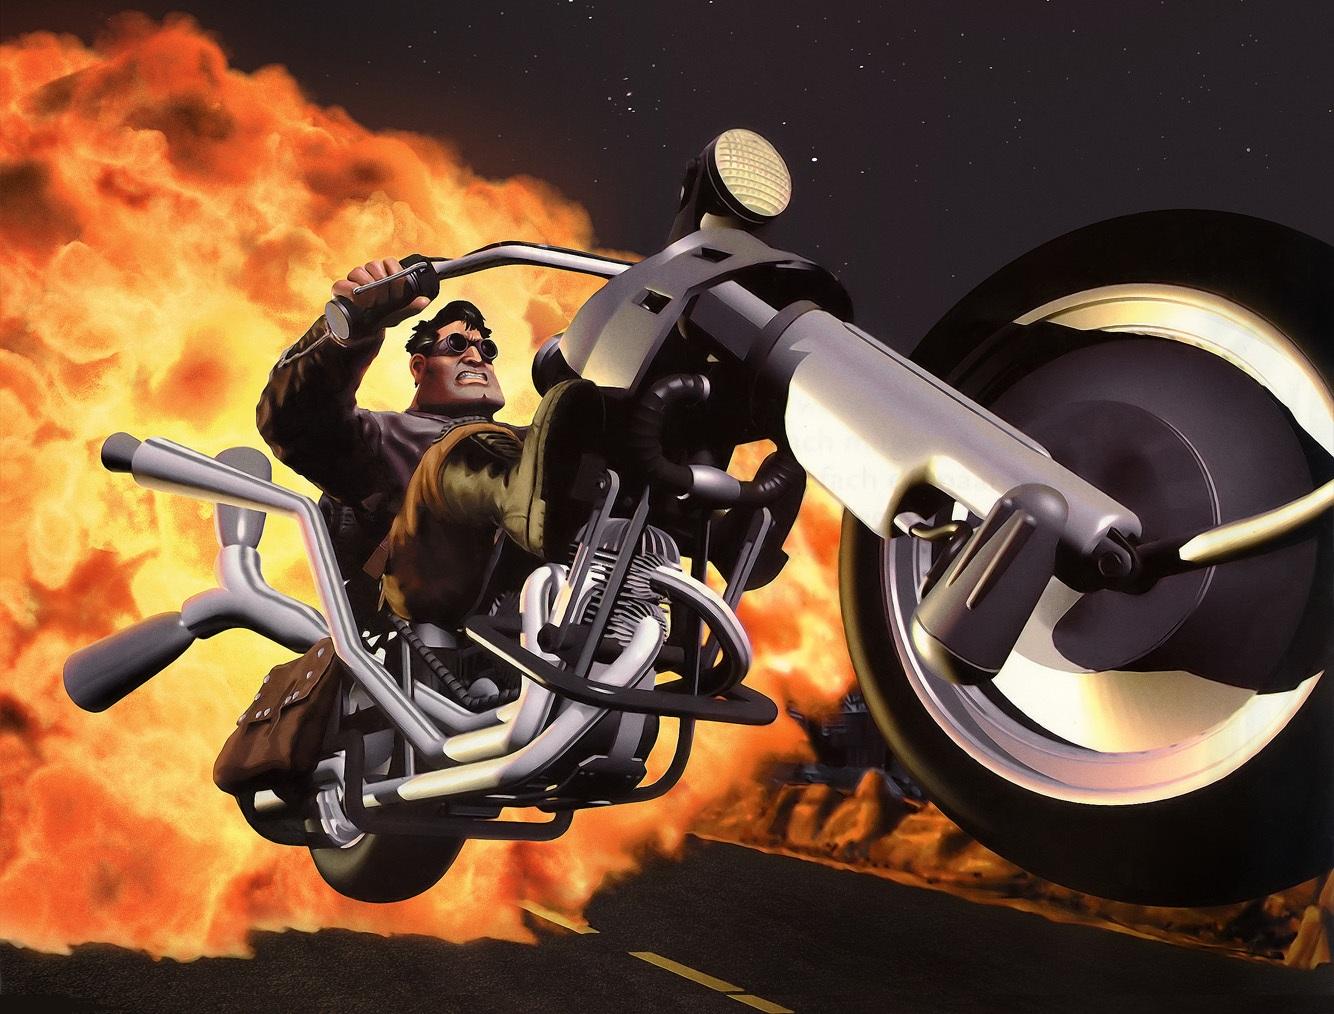 """Ретро-взгляд: Full Throttle  """"Когда я чувствую запах асфальта, я думаю о Морин. Это мои последние ощущения, после че ... - Изображение 1"""